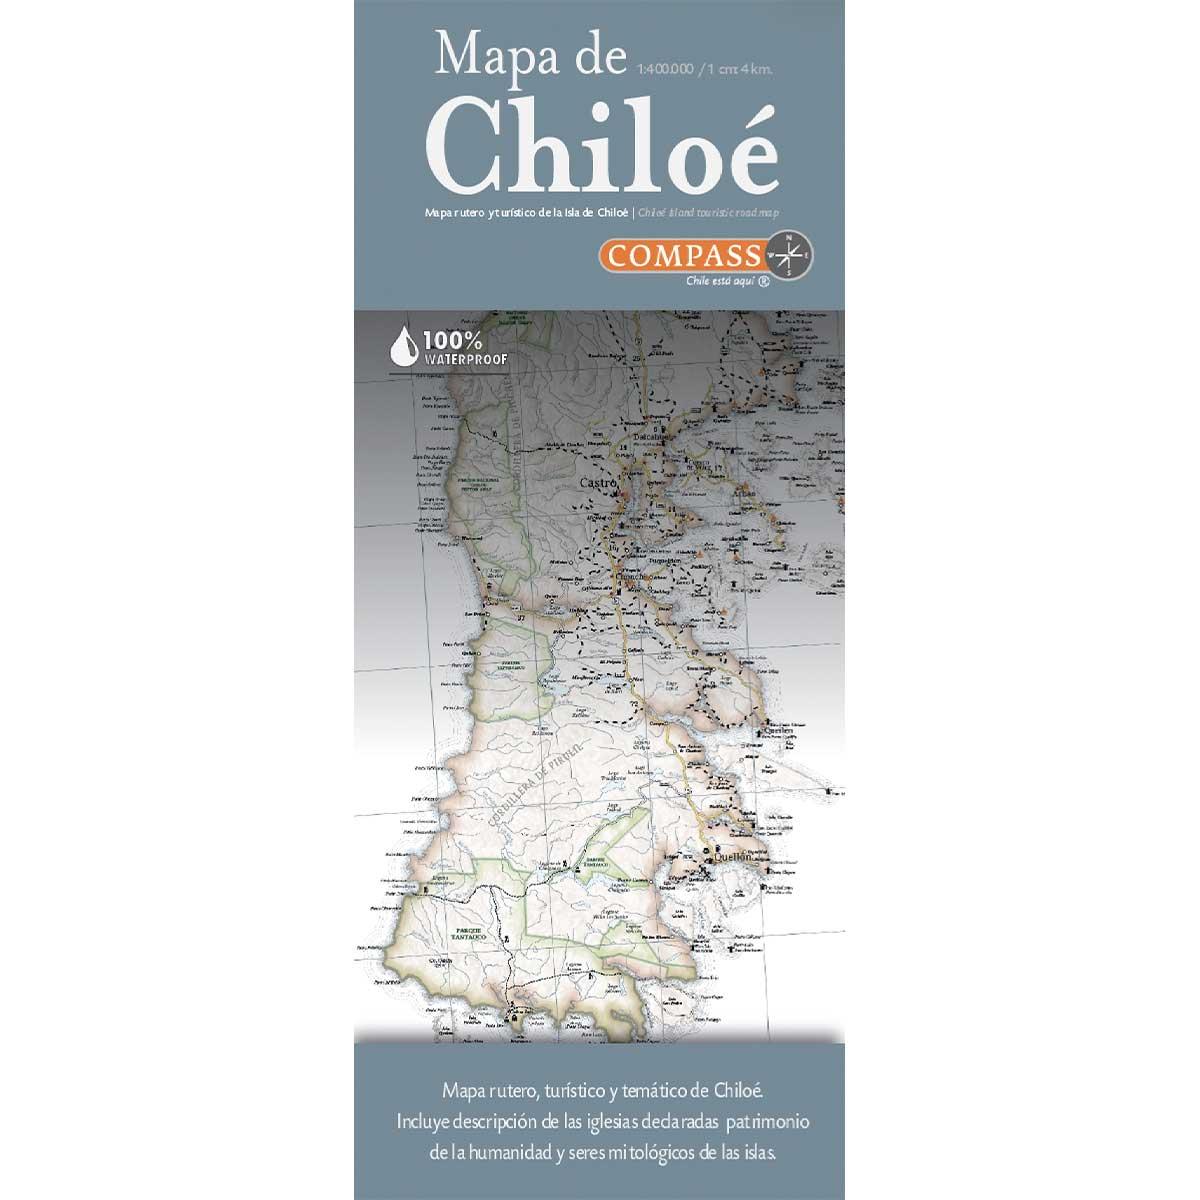 MAPA DE CHILOE